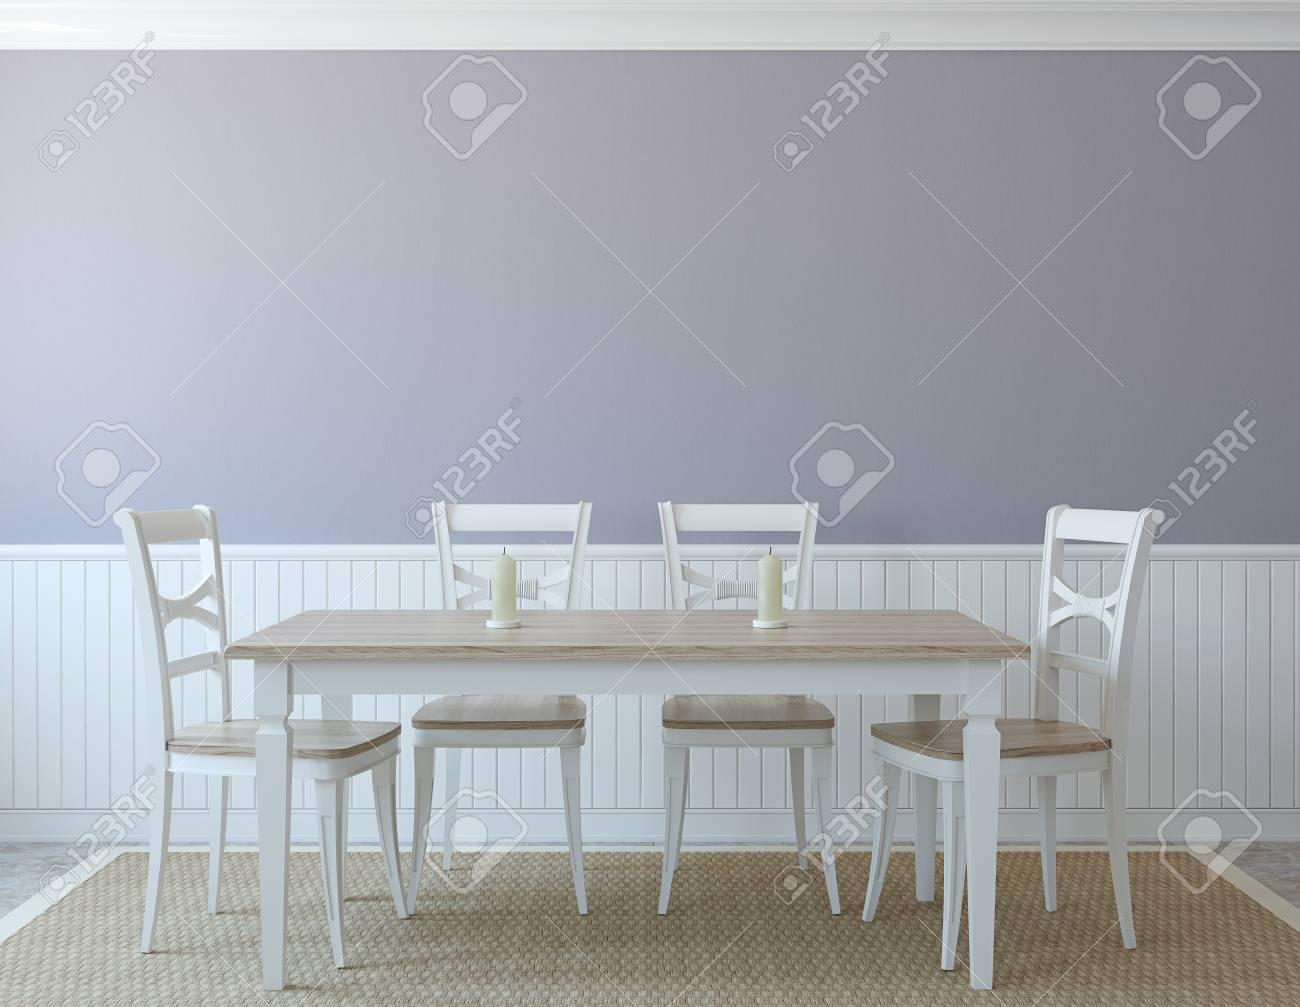 Dining-room interior. 3d render. - 47672323